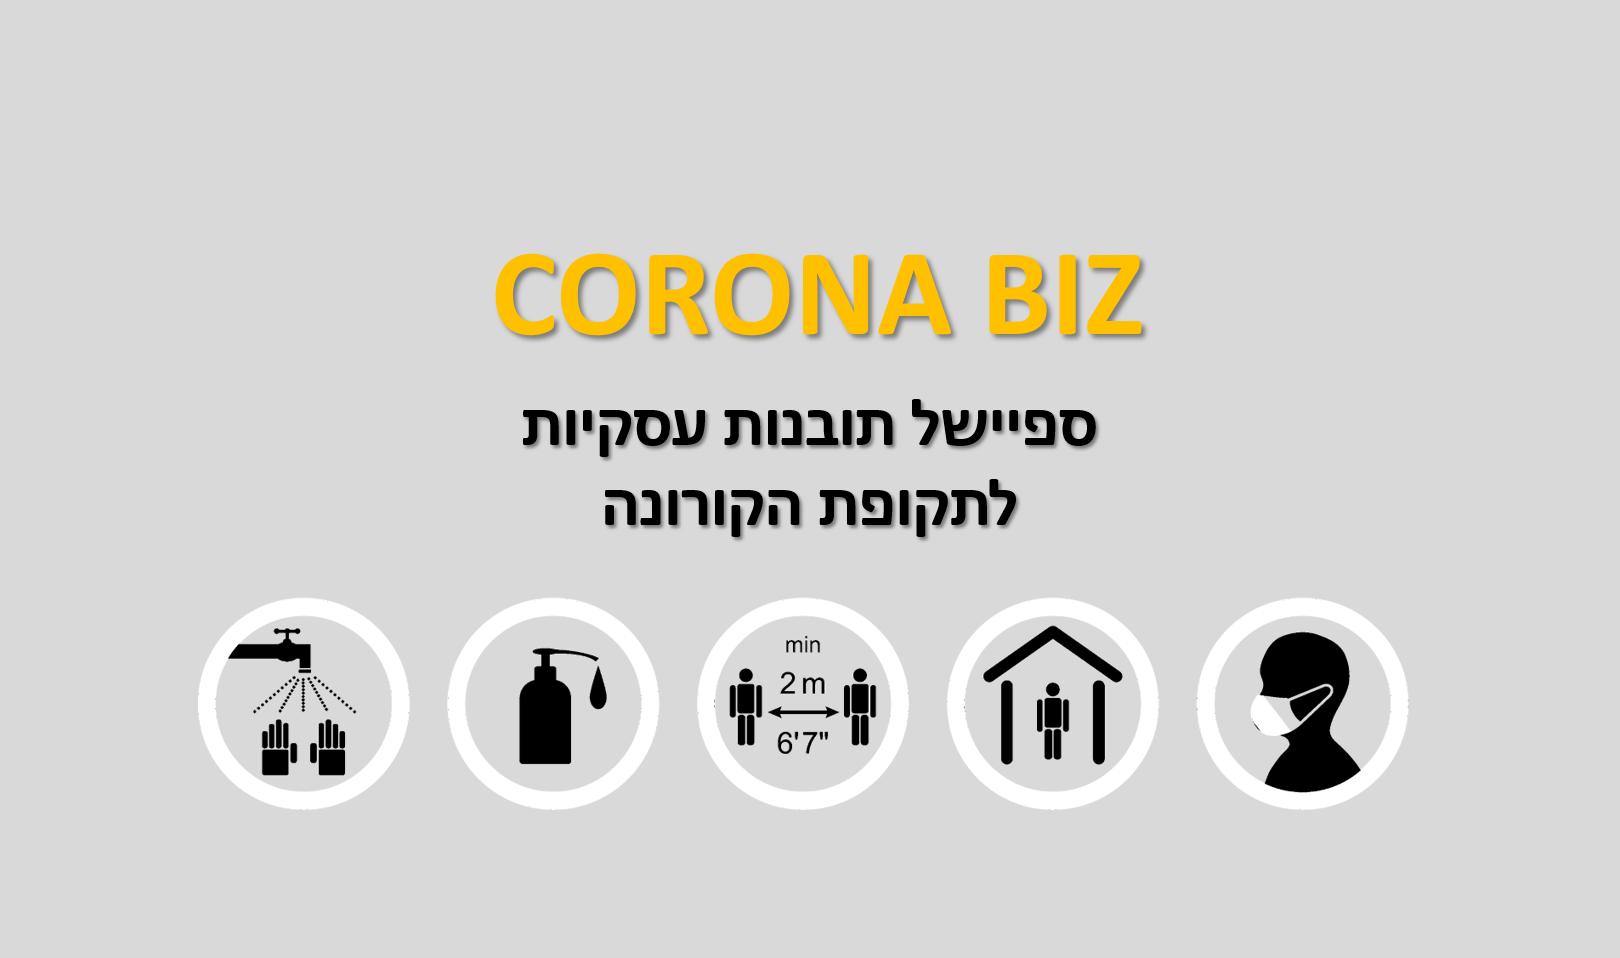 קורונה BIZ – ספיישל תובנות עסקיות לתקופת הקורונה >>>